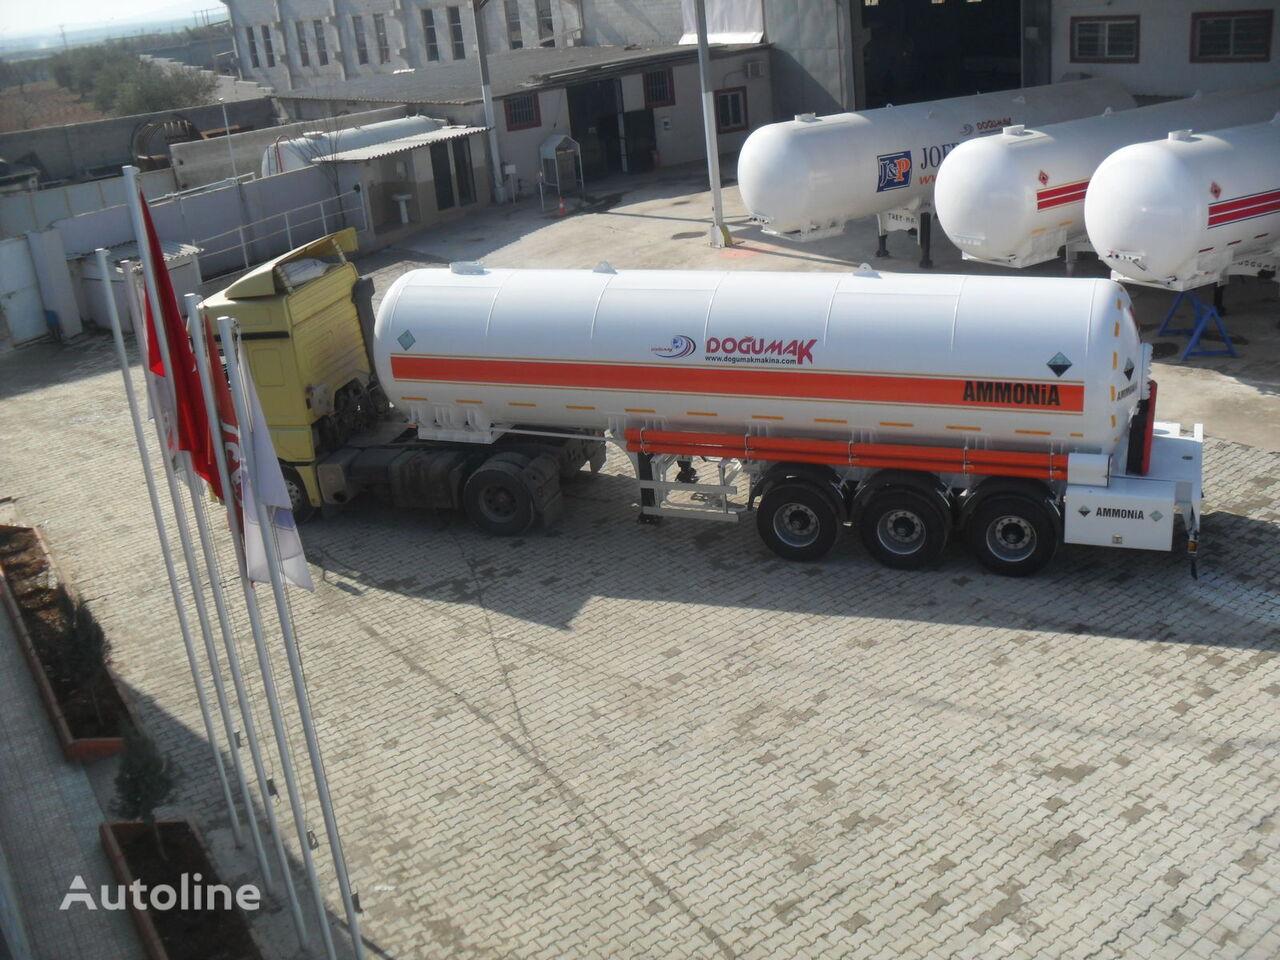 naujas dujų cisterna DOĞUMAK FOR ANHYDROUS AMMONIA TRANSPORTATION